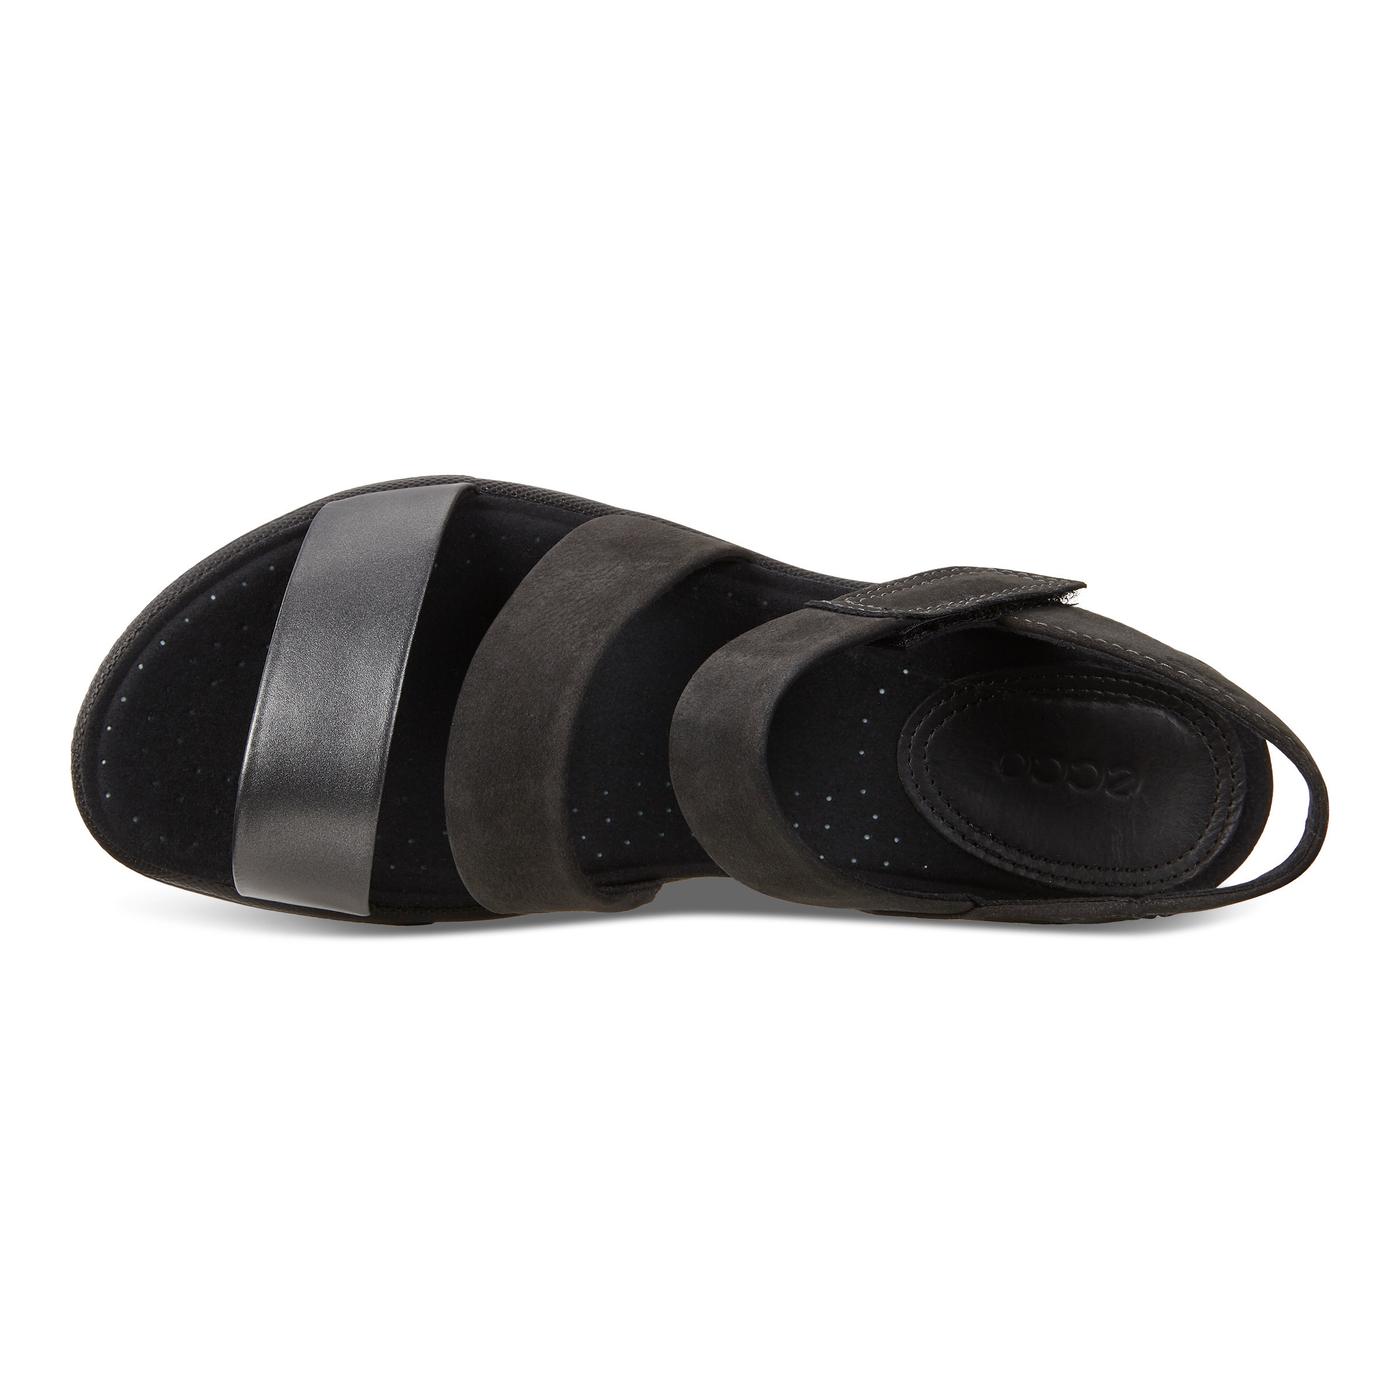 ECCO DAMARA Women's Sandal